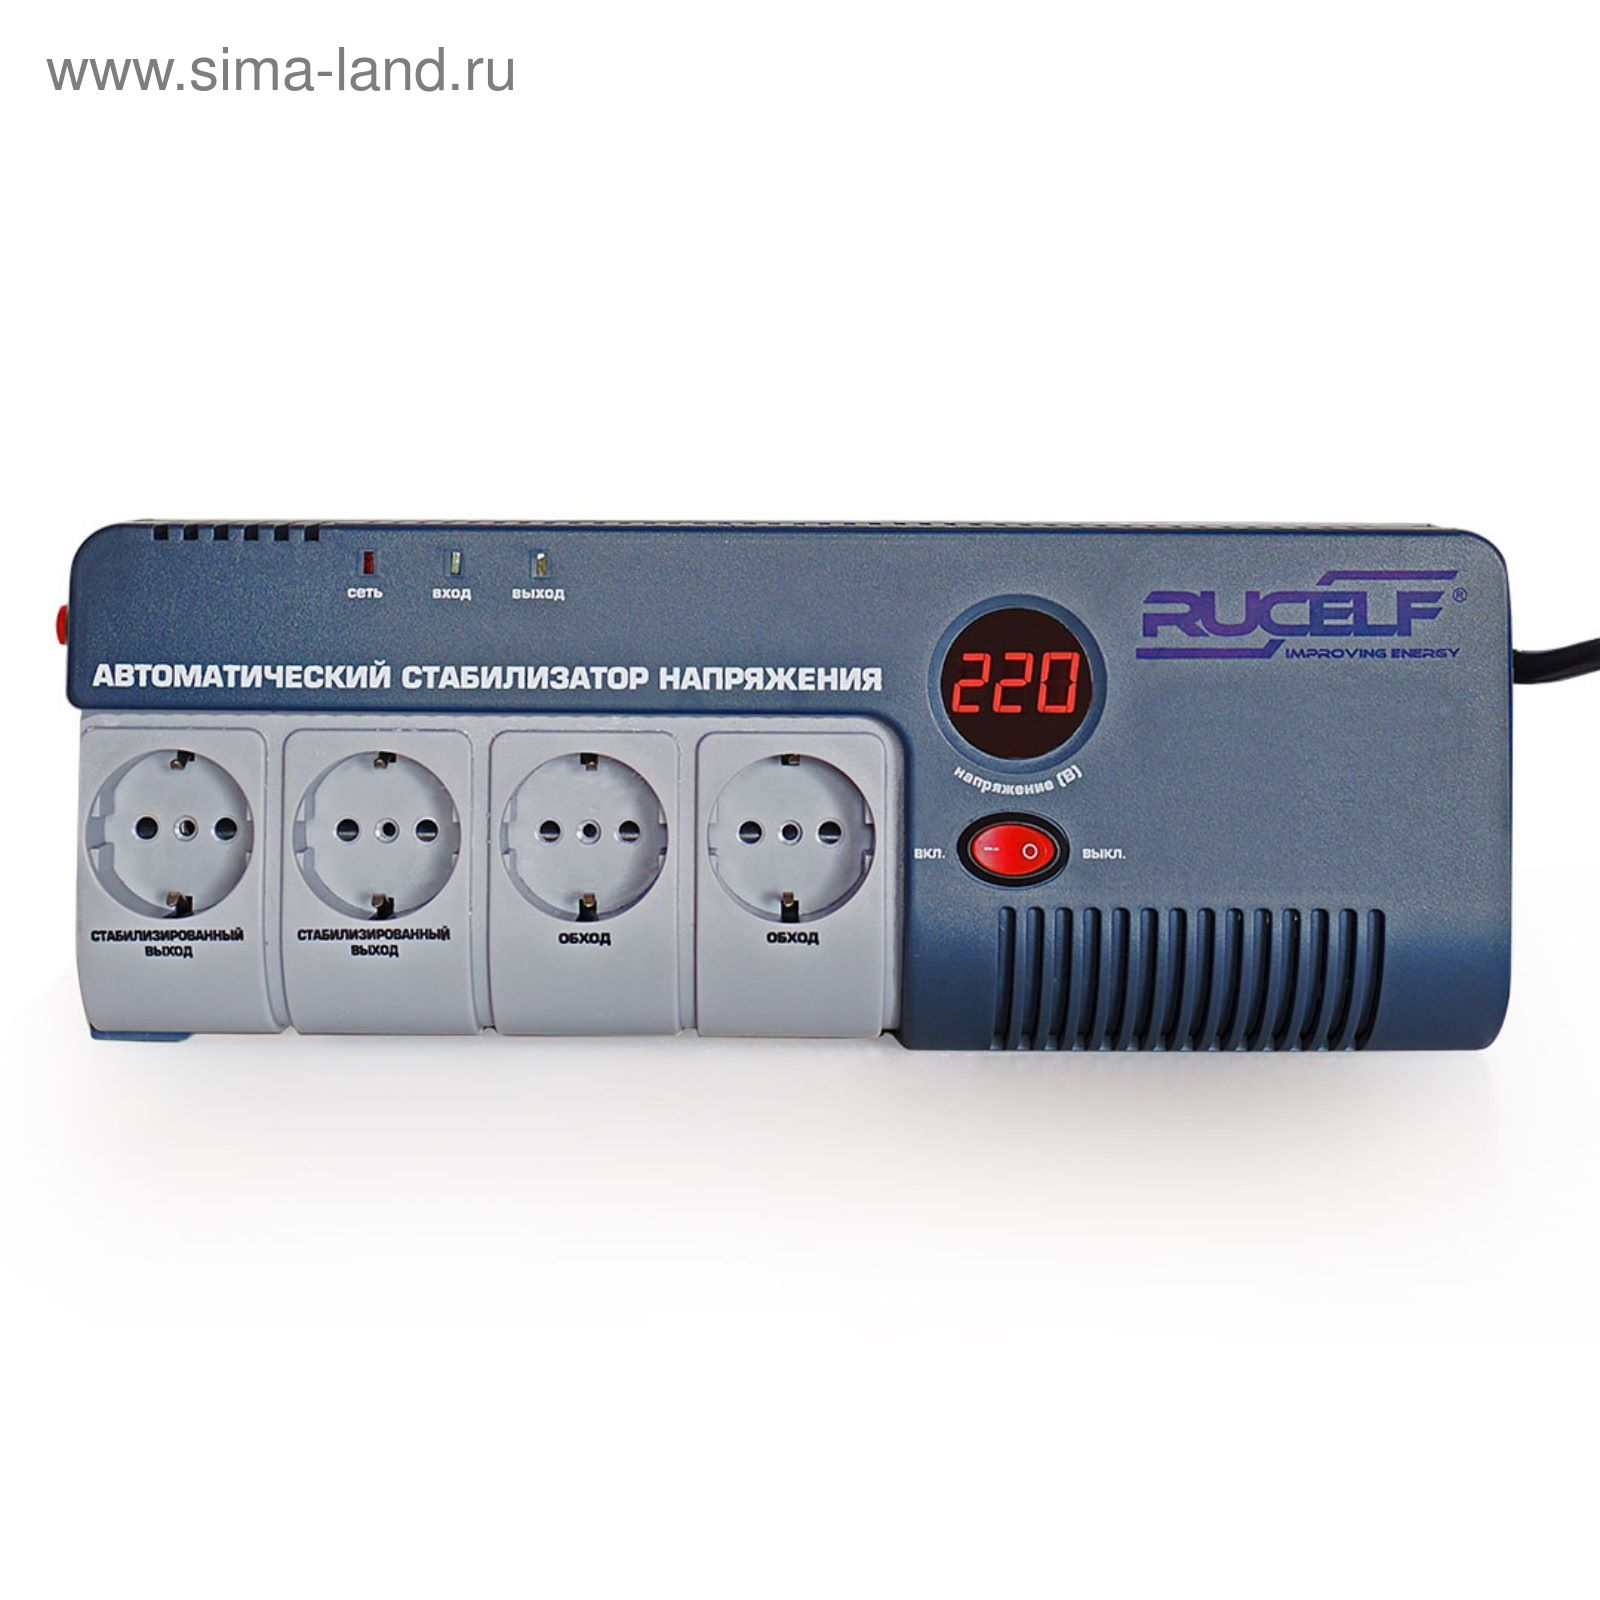 Релейный стабилизатор напряжения 1500 сварочный аппарат fsm 40s цена